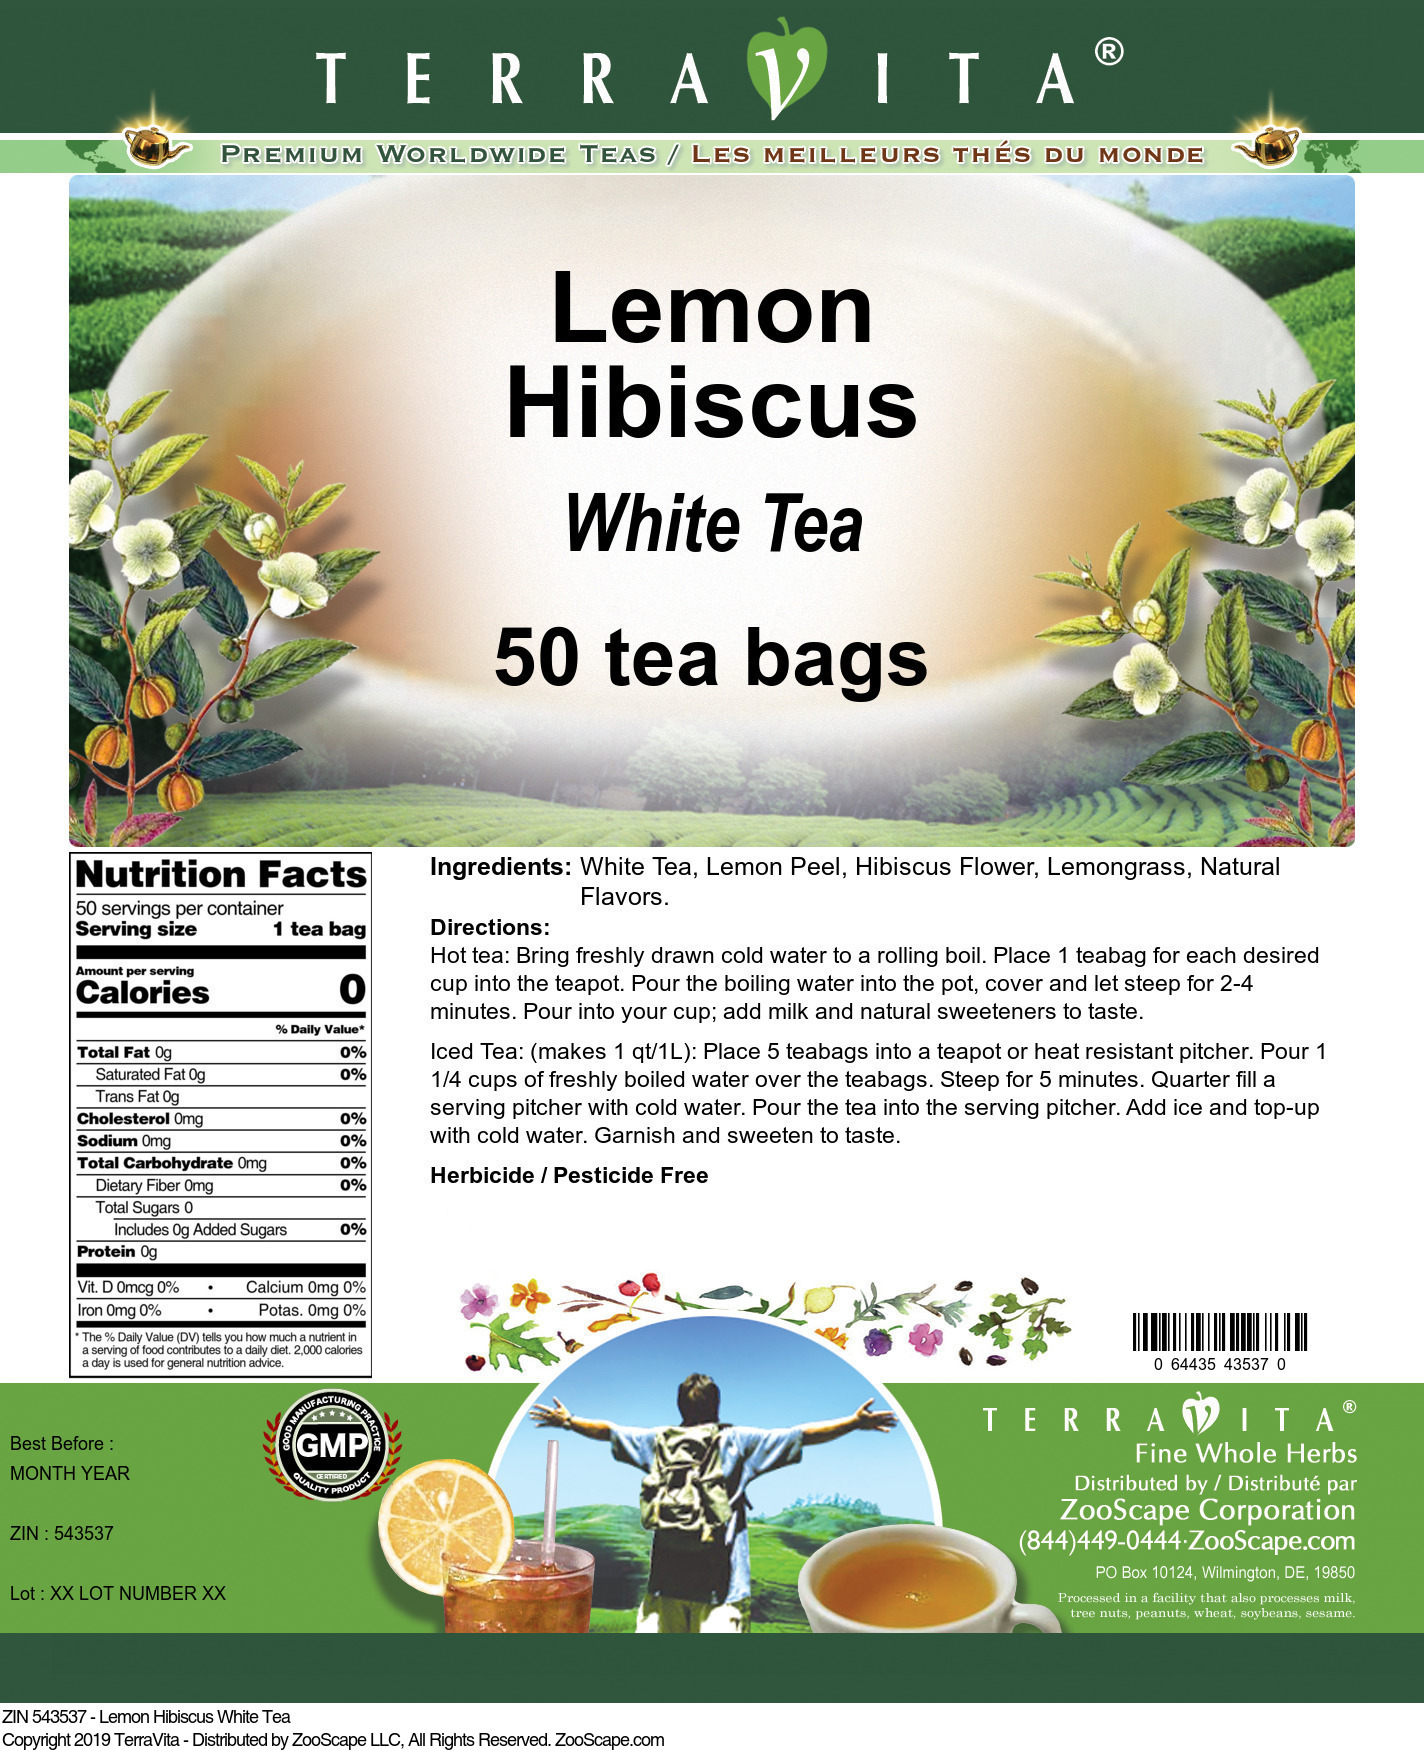 Lemon Hibiscus White Tea